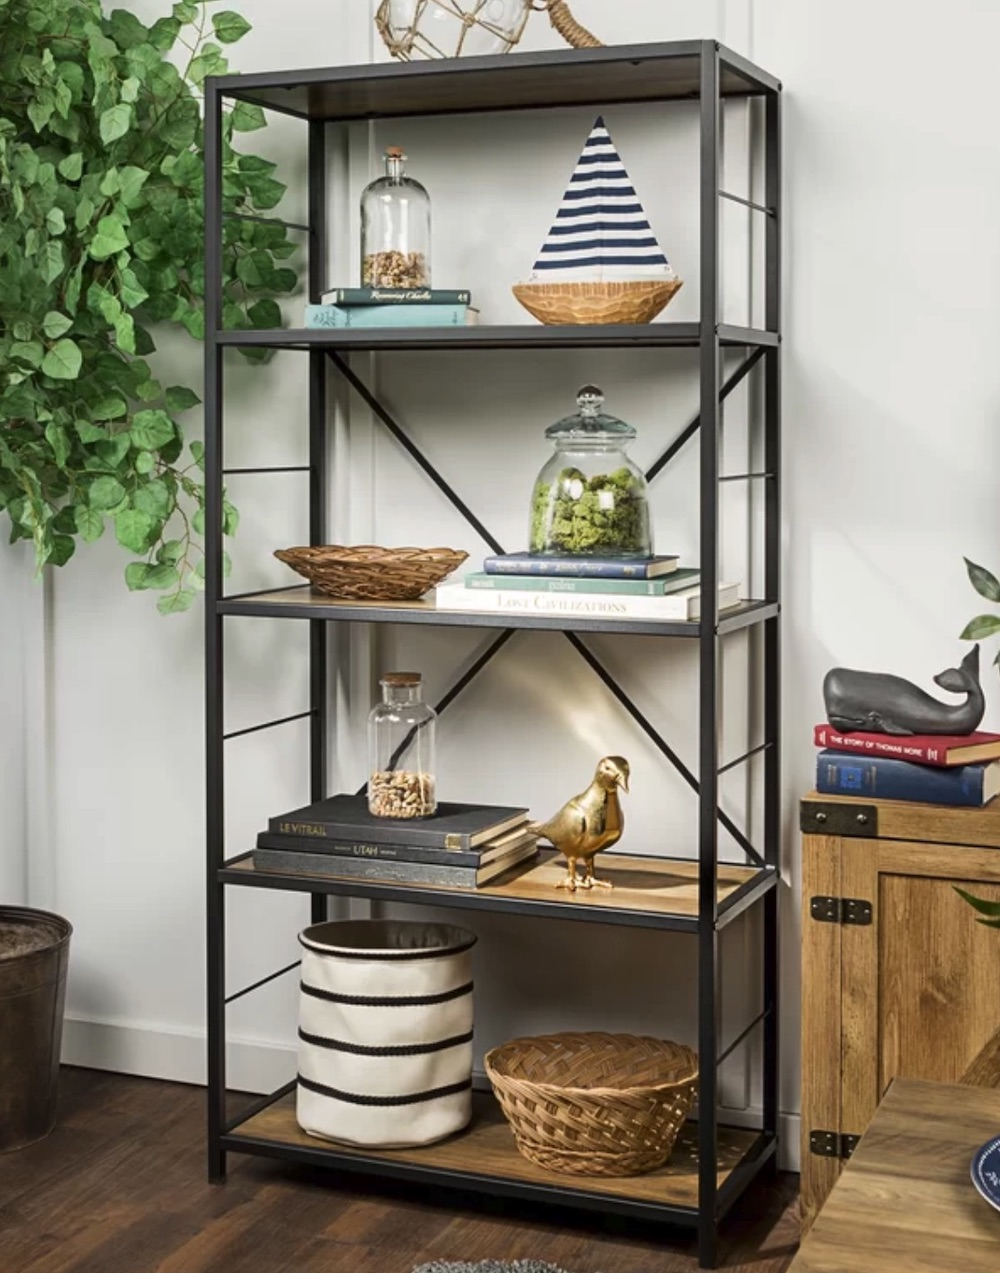 Home Office Storage Macon Etagere Bookcase #Decor #IndustrialDecor #Bookcases #IndustrialBookcases #HomeOffice #HomeStorage #Organization